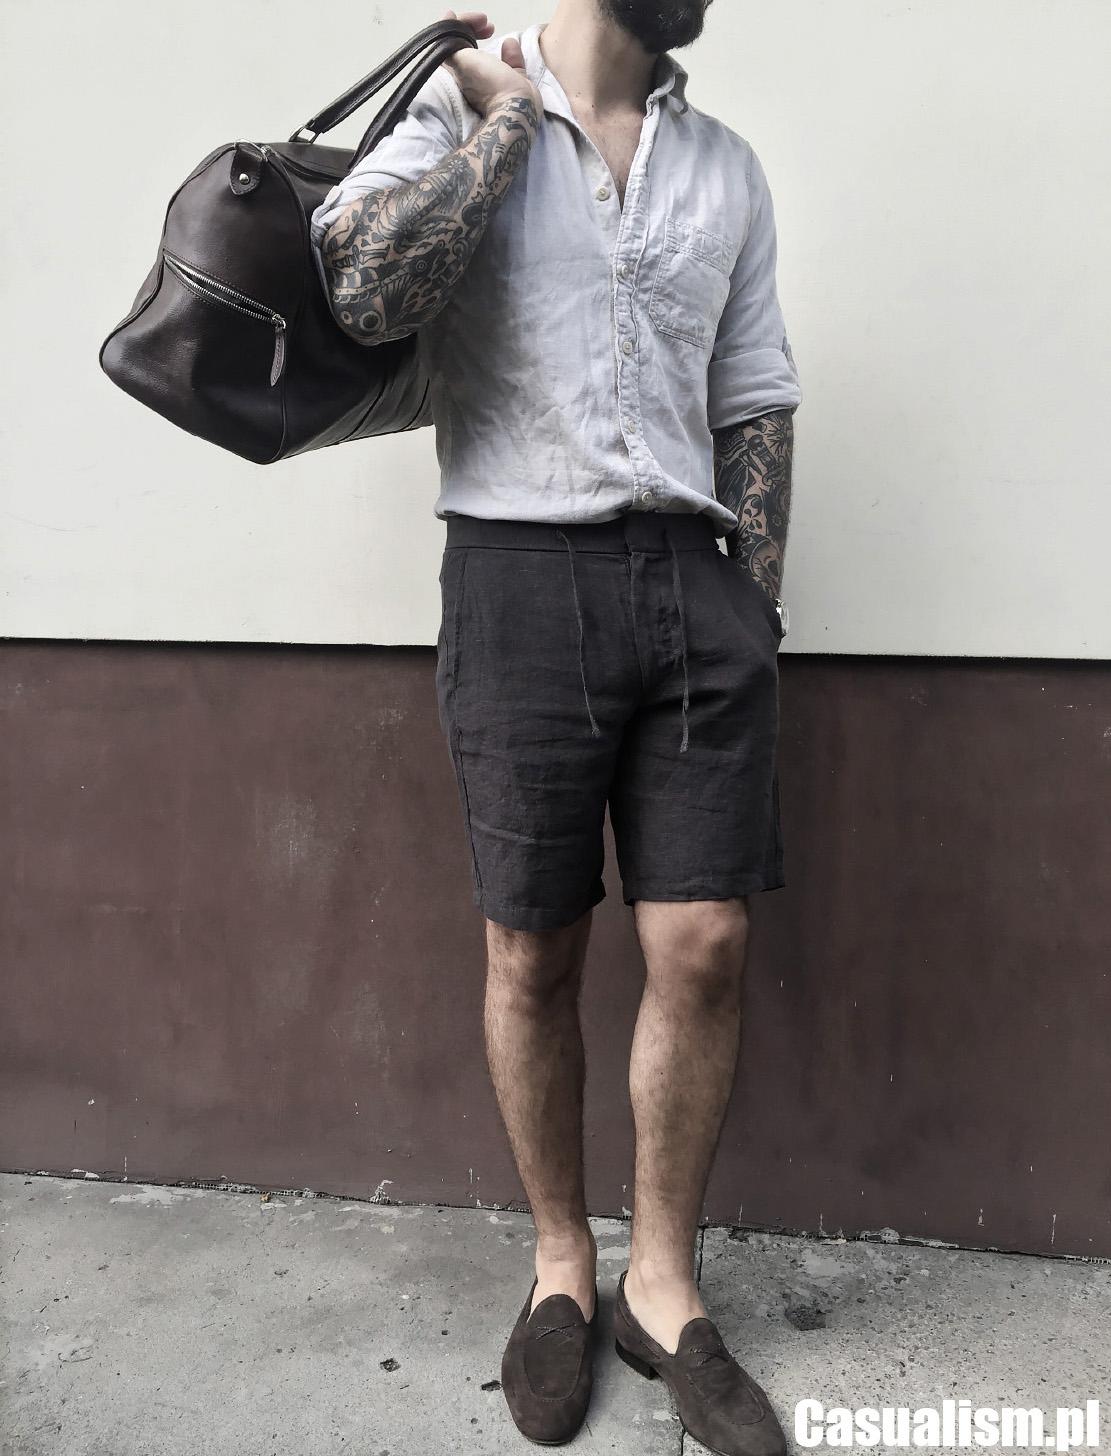 Krótkie spodenki i koszula, spodenki do koszula, jaka koszula do spodenki, smart casual ze spodenkami, męskie spodenki eleganckie, spodenki lniane